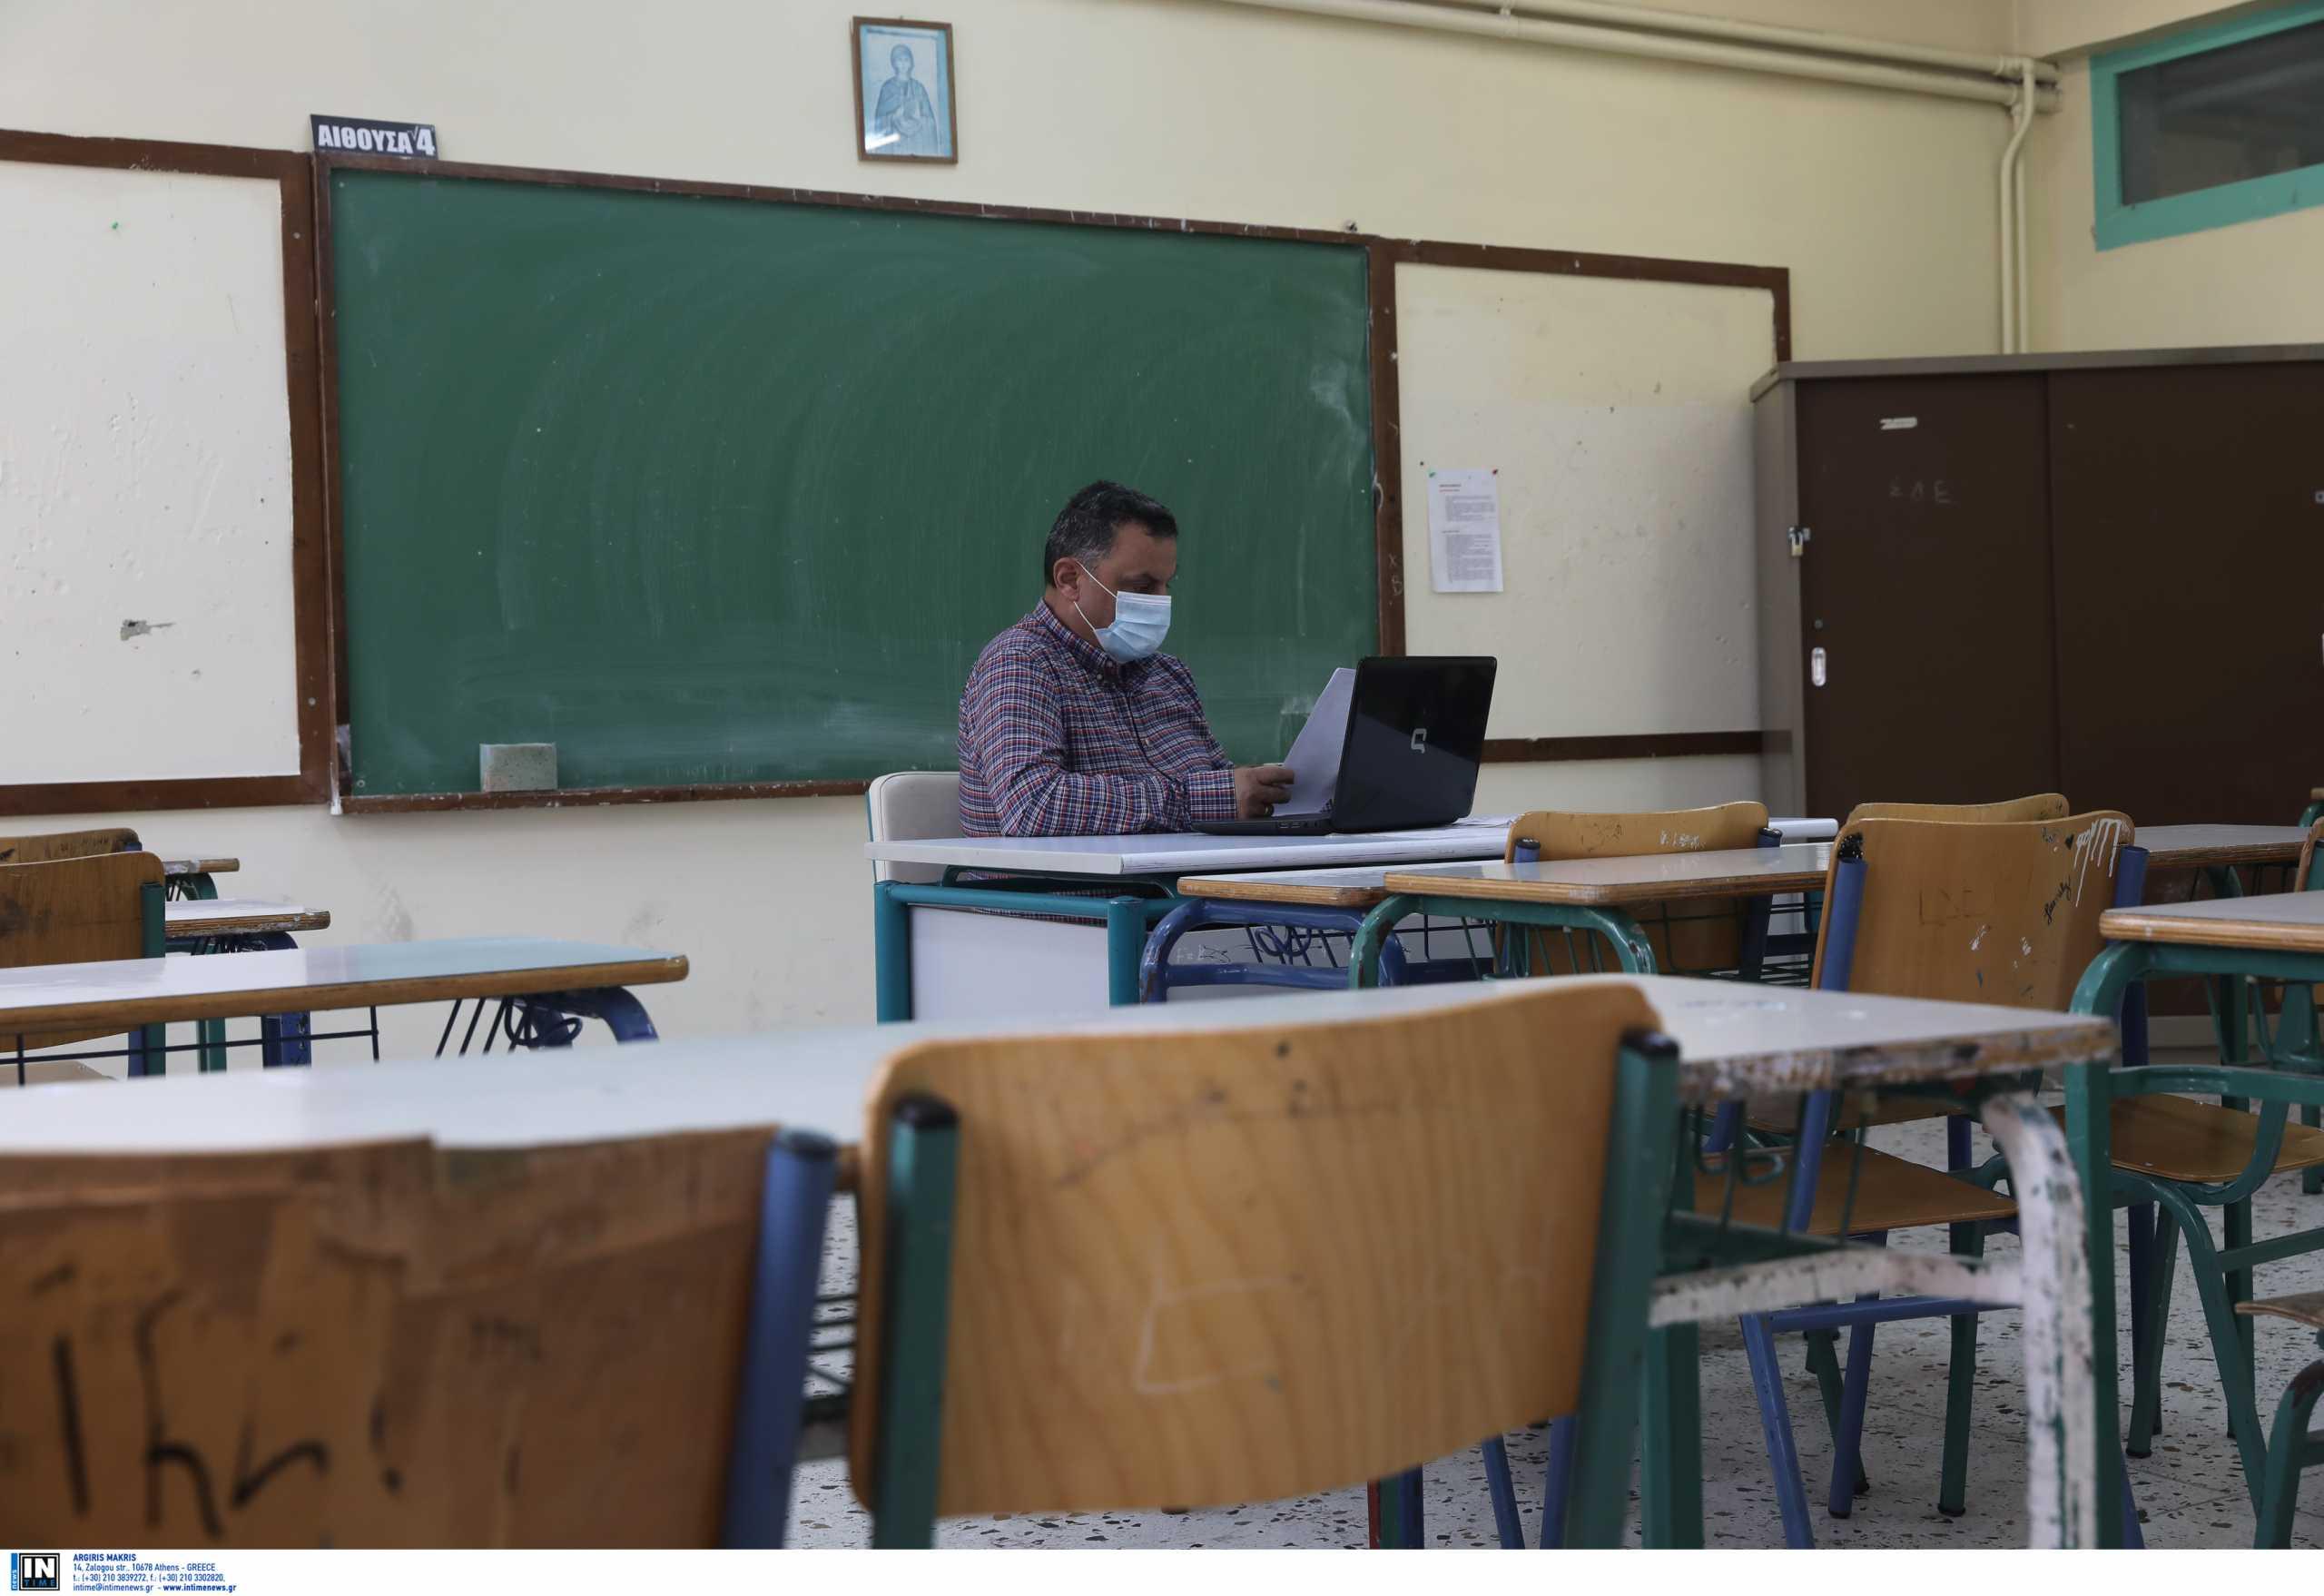 Νίκη Κεραμέως για απουσίες μαθητών: Δεν θα μετρήσουν σε περίπτωση διακοπής ρεύματος